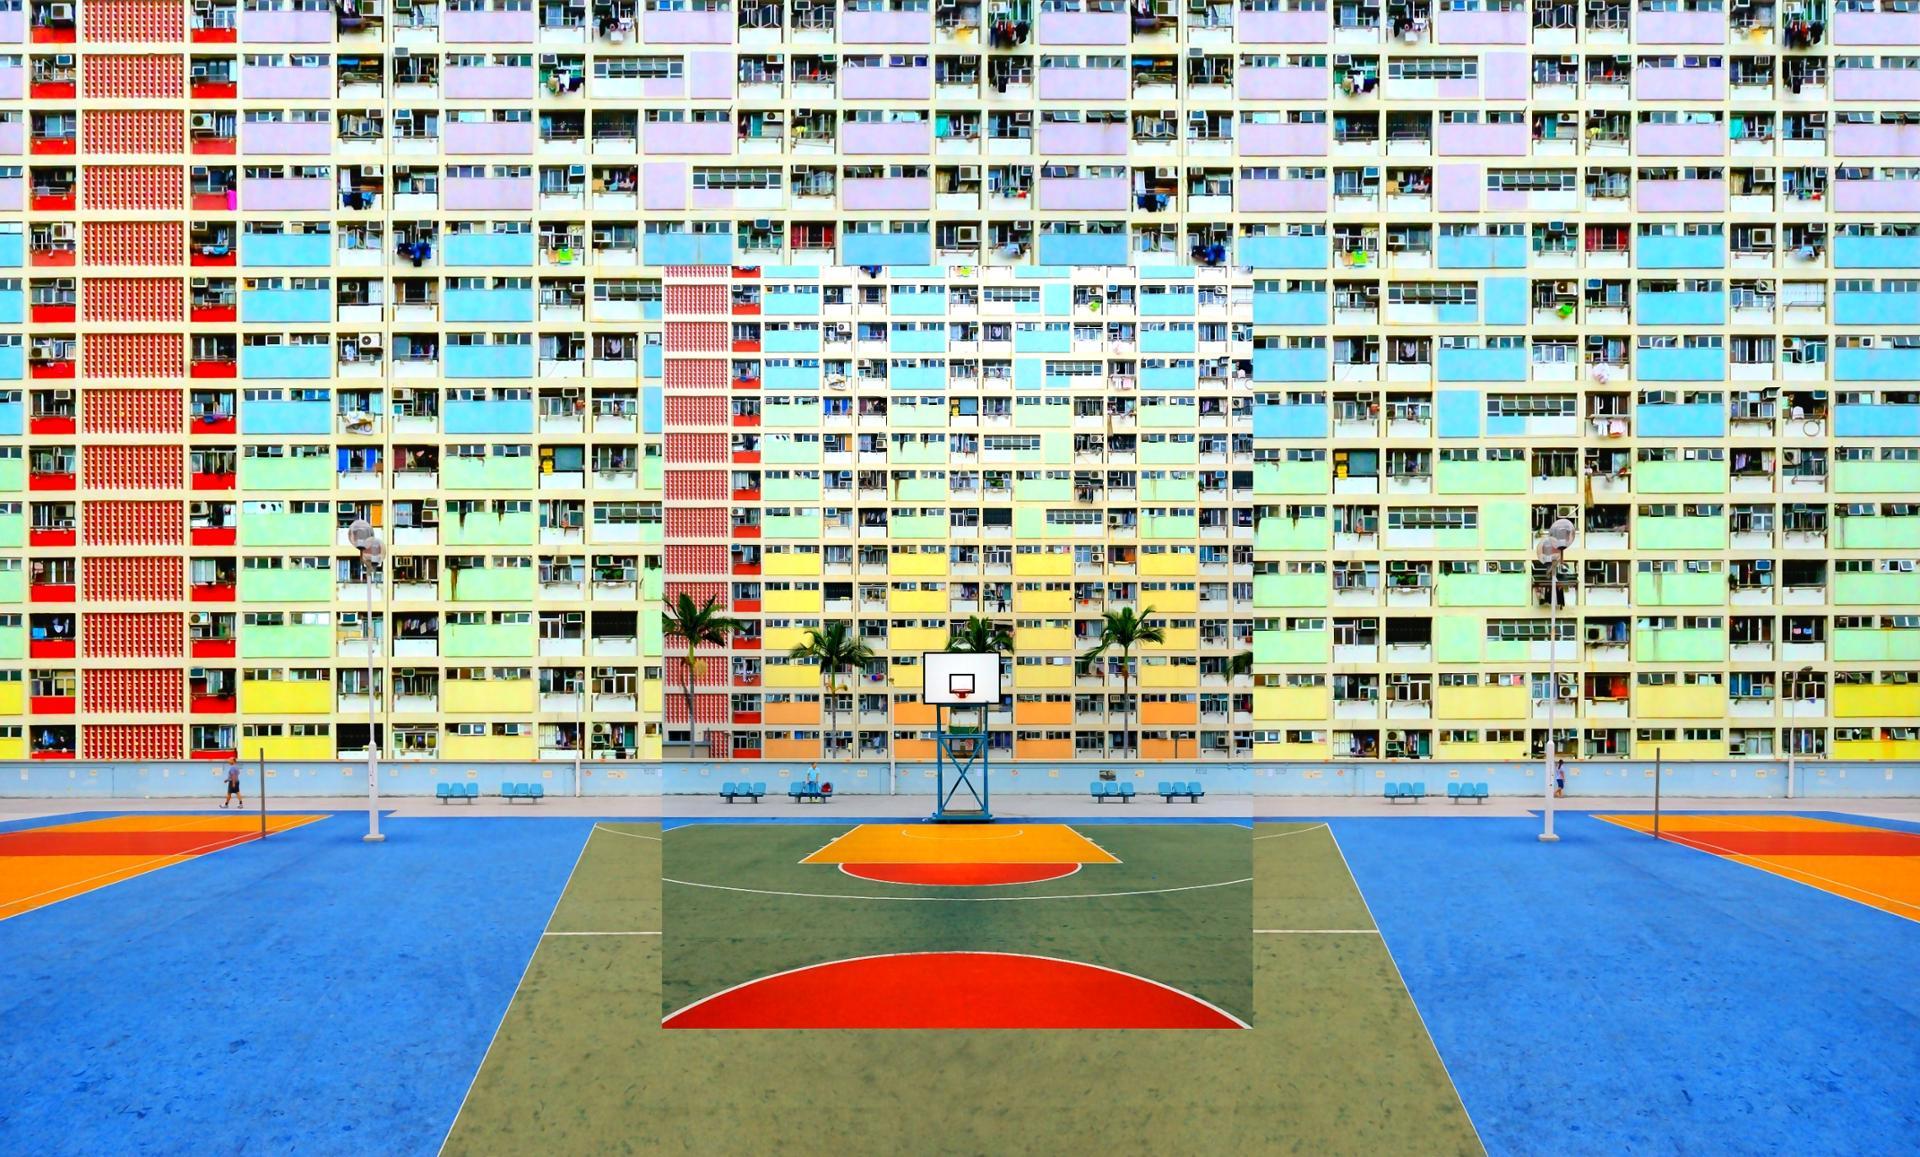 City of colors II